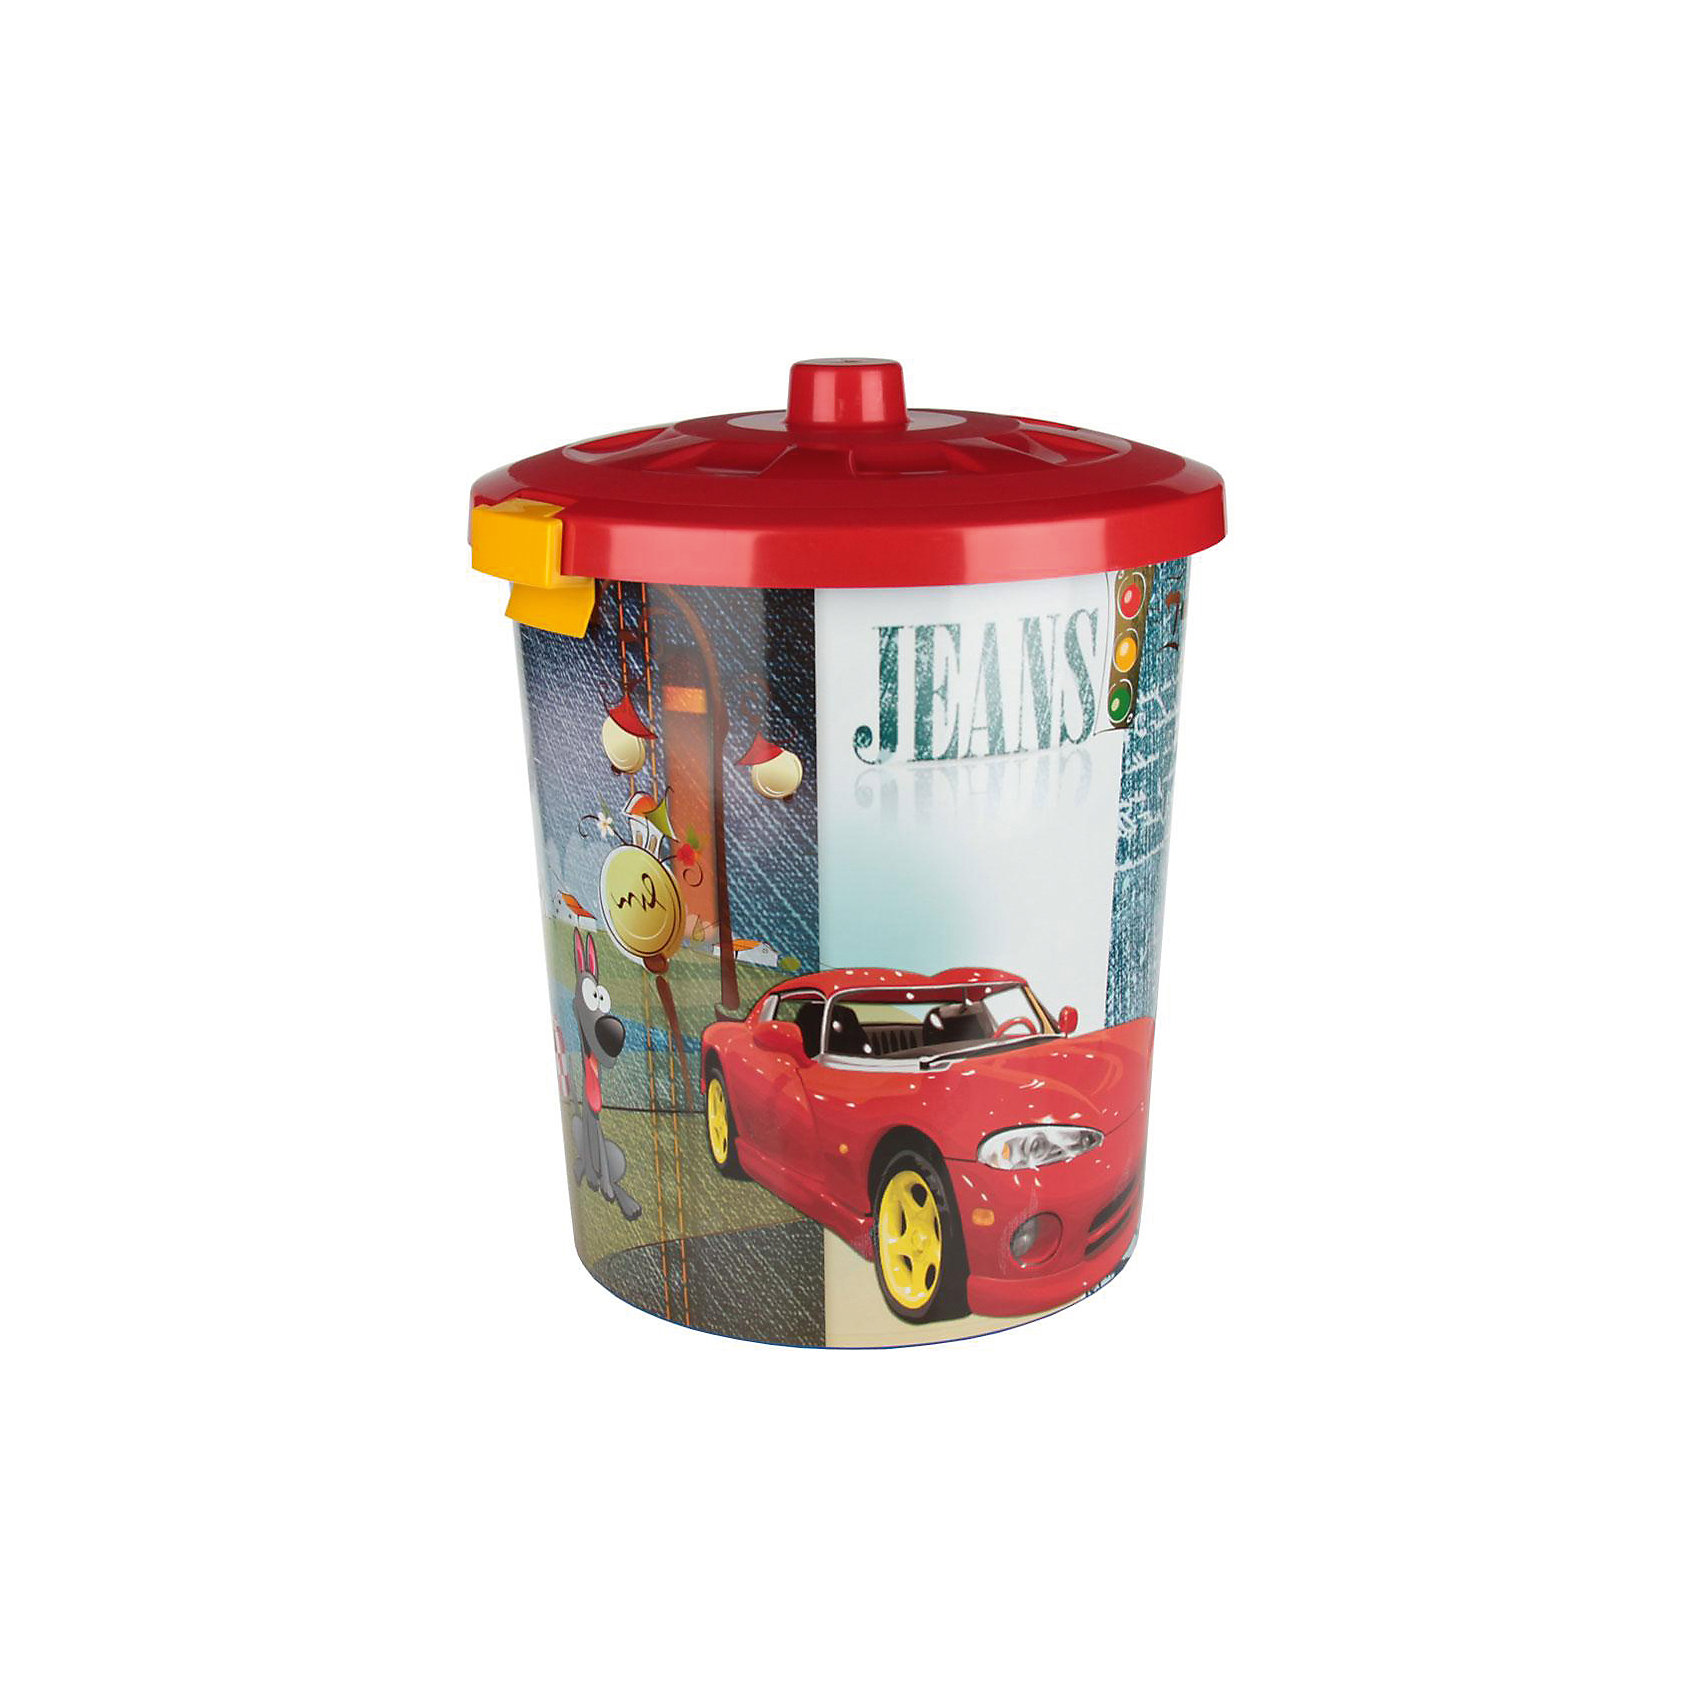 Контейнер для игрушек Гонки (круглый) 40л., AlternativaПорядок в детской<br>Характеристики:<br><br>• Предназначение: для хранения игрушек<br>• Материал: пластик<br>• Цвет: красный, желтый, голубой, серый<br>• Размер (Д*Ш*В): 40*40*54 см<br>• Вместимость (объем): 40 л<br>• Форма: круглый<br>• Наличие крышки с замочками-клипсами<br>• Особенности ухода: разрешается мыть теплой водой<br><br>Контейнер для игрушек Гонки (круглый) 40 л., Alternativa изготовлен отечественным производителем ООО ЗПИ Альтернатива, который специализируется на выпуске широкого спектра изделий из пластика. <br>Контейнер выполнен из экологически безопасного пластика, устойчивого к механическим повреждениям, корпус оформлен рисунком сюжетной картинкой гоночной тематики, в комплекте имеется крышка красного цвета. Изделие позволит обеспечить не только порядок в комнате ребенка, но и станет ярким предметом интерьера. Контейнер для игрушек Гонки (круглый) 40 л., Alternativa вместительный, но при этом обладает легким весом.<br><br>Контейнер для игрушек Гонки (круглый) 40 л., Alternativa можно купить в нашем интернет-магазине.<br><br>Ширина мм: 400<br>Глубина мм: 400<br>Высота мм: 540<br>Вес г: 1320<br>Возраст от месяцев: 6<br>Возраст до месяцев: 84<br>Пол: Мужской<br>Возраст: Детский<br>SKU: 5096585